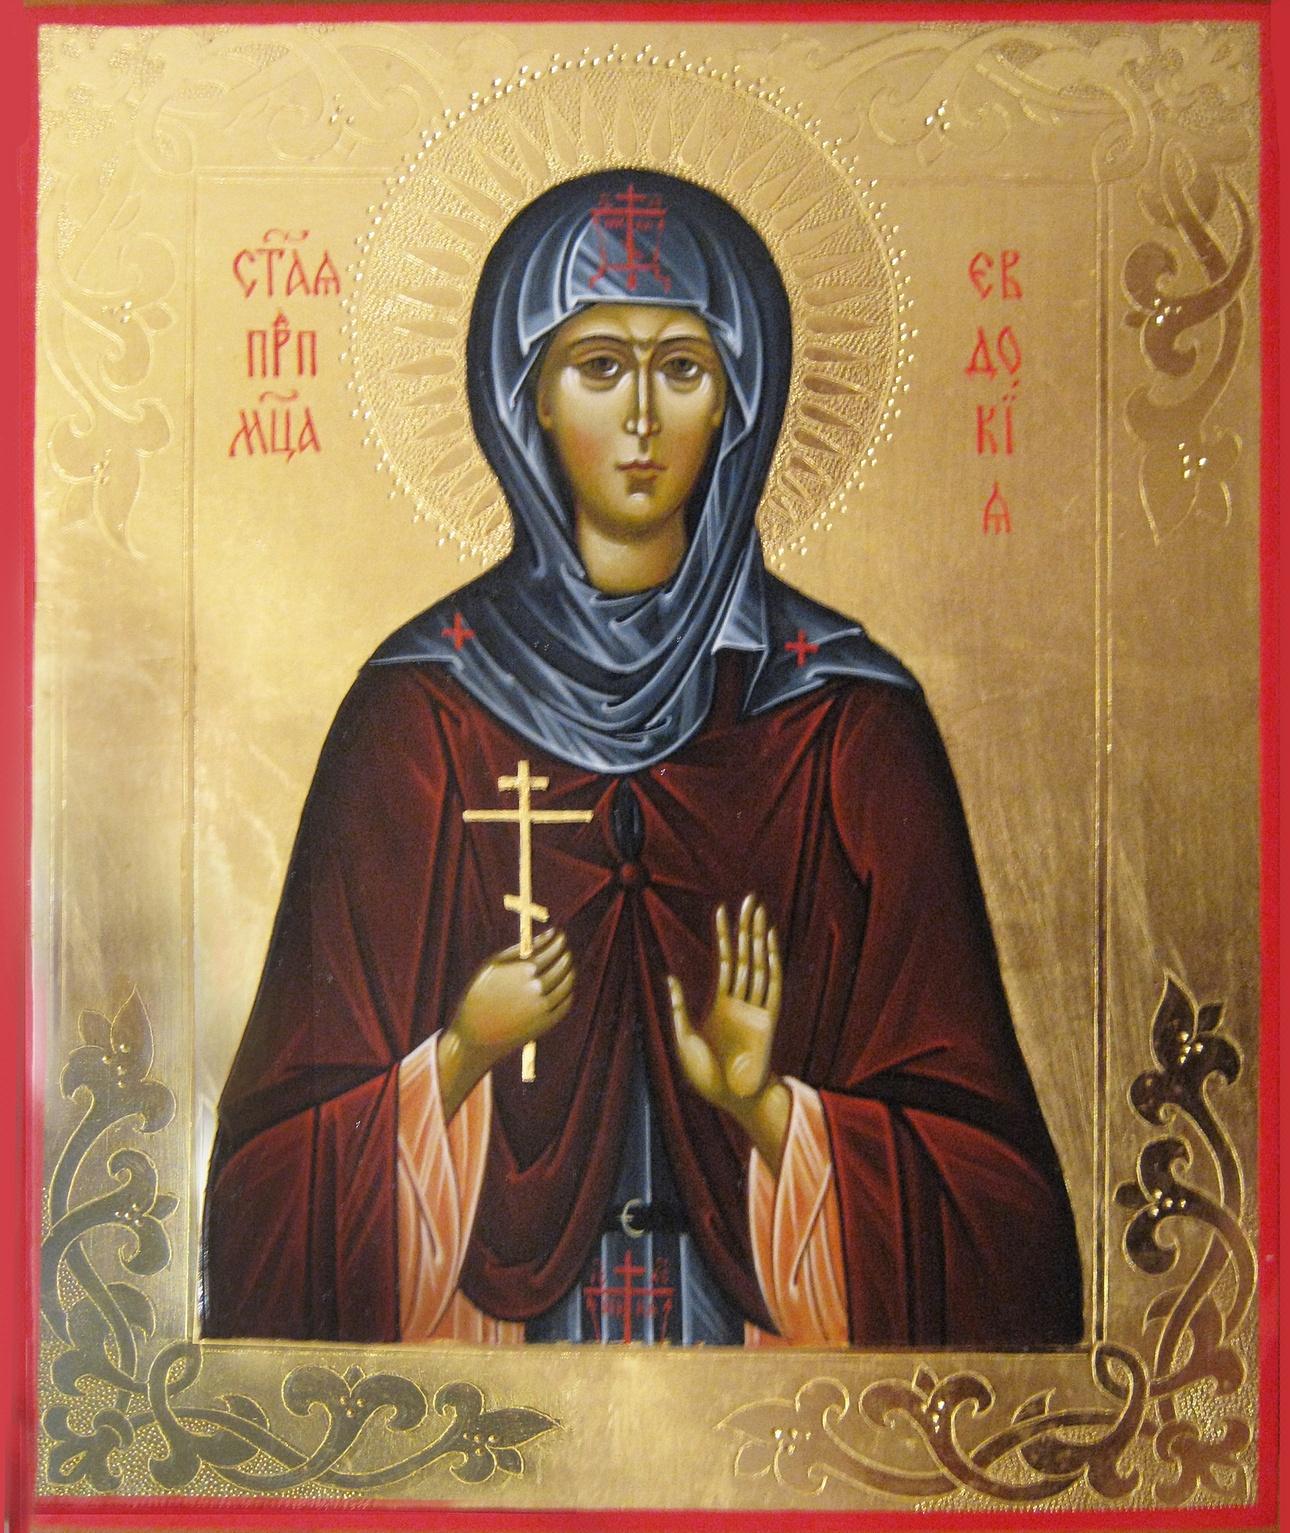 Какой сегодня праздник 17 августа 2019: церковный праздник Авдотья Малиновка отмечают в России